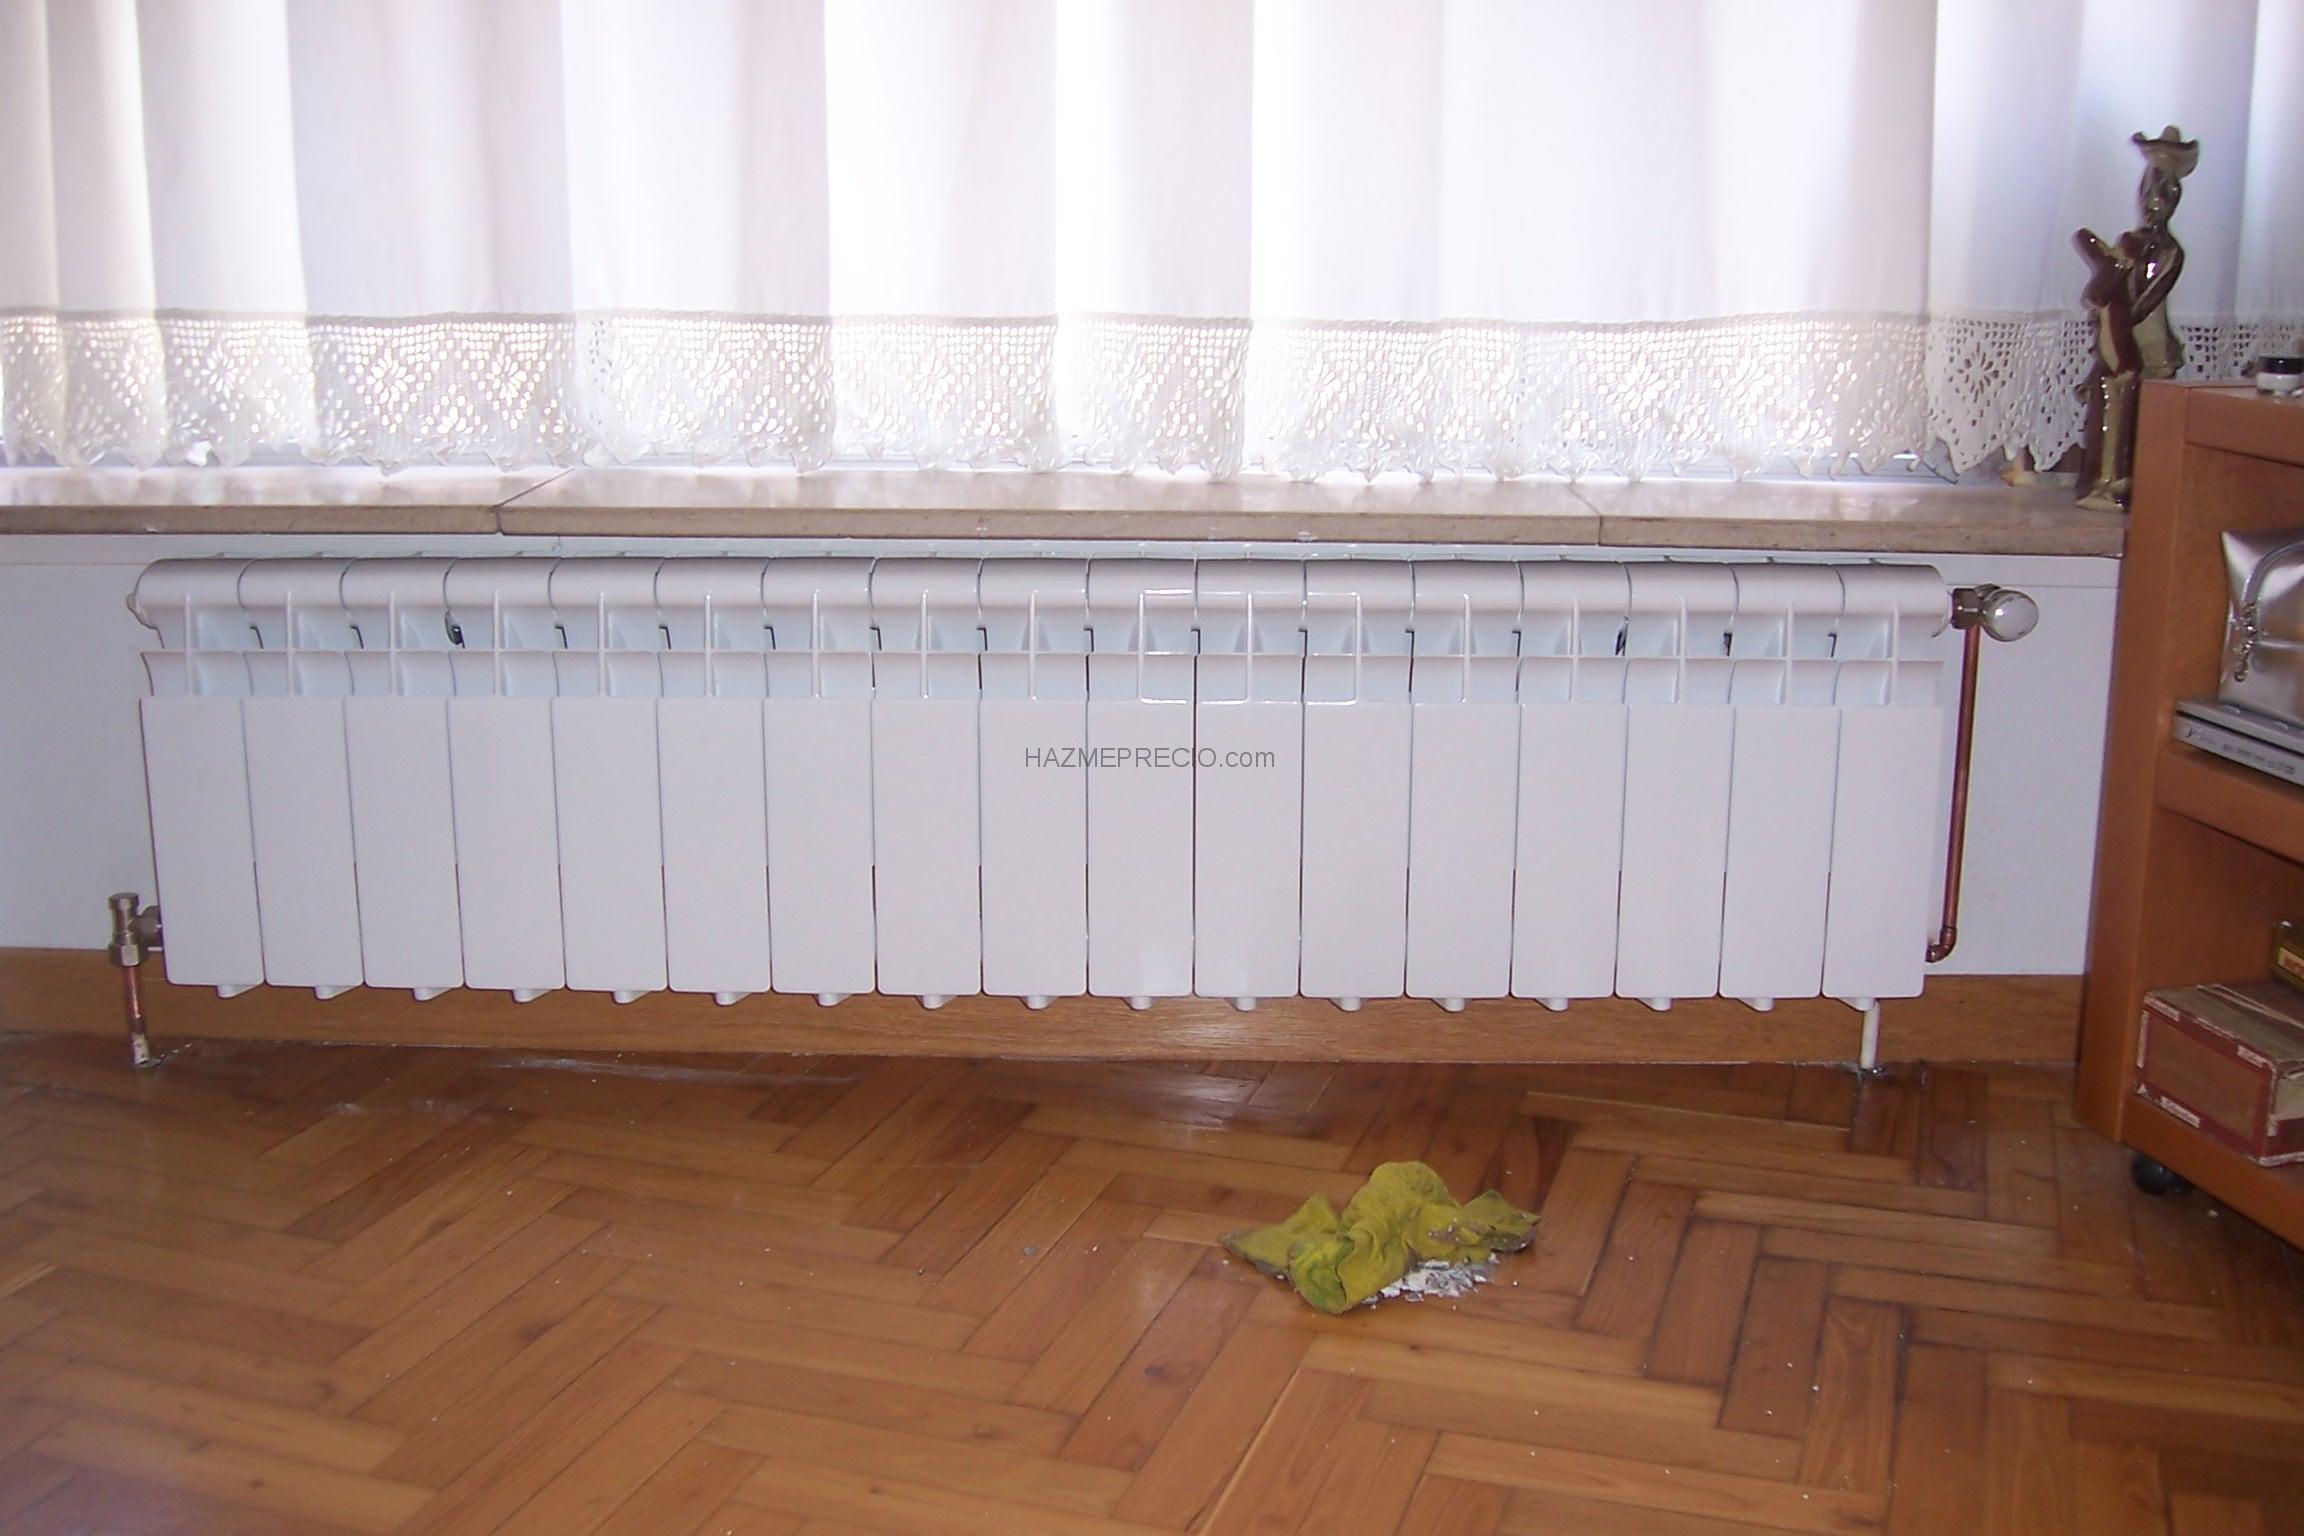 Multiasistencias venecia 39610 santander cantabria - Cortinas encima de radiadores ...